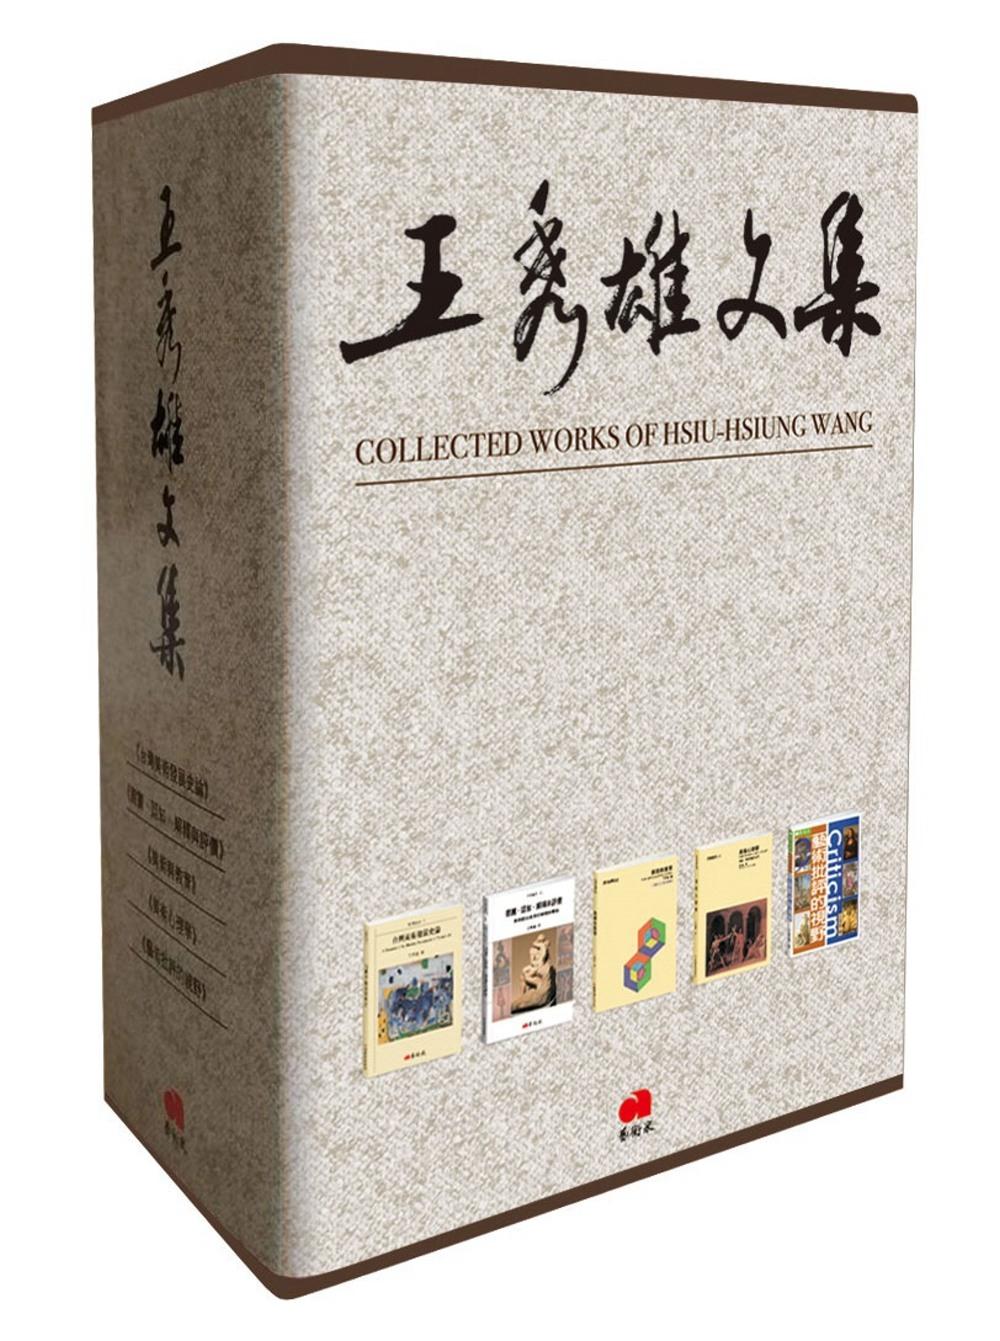 王秀雄文集(全五冊)